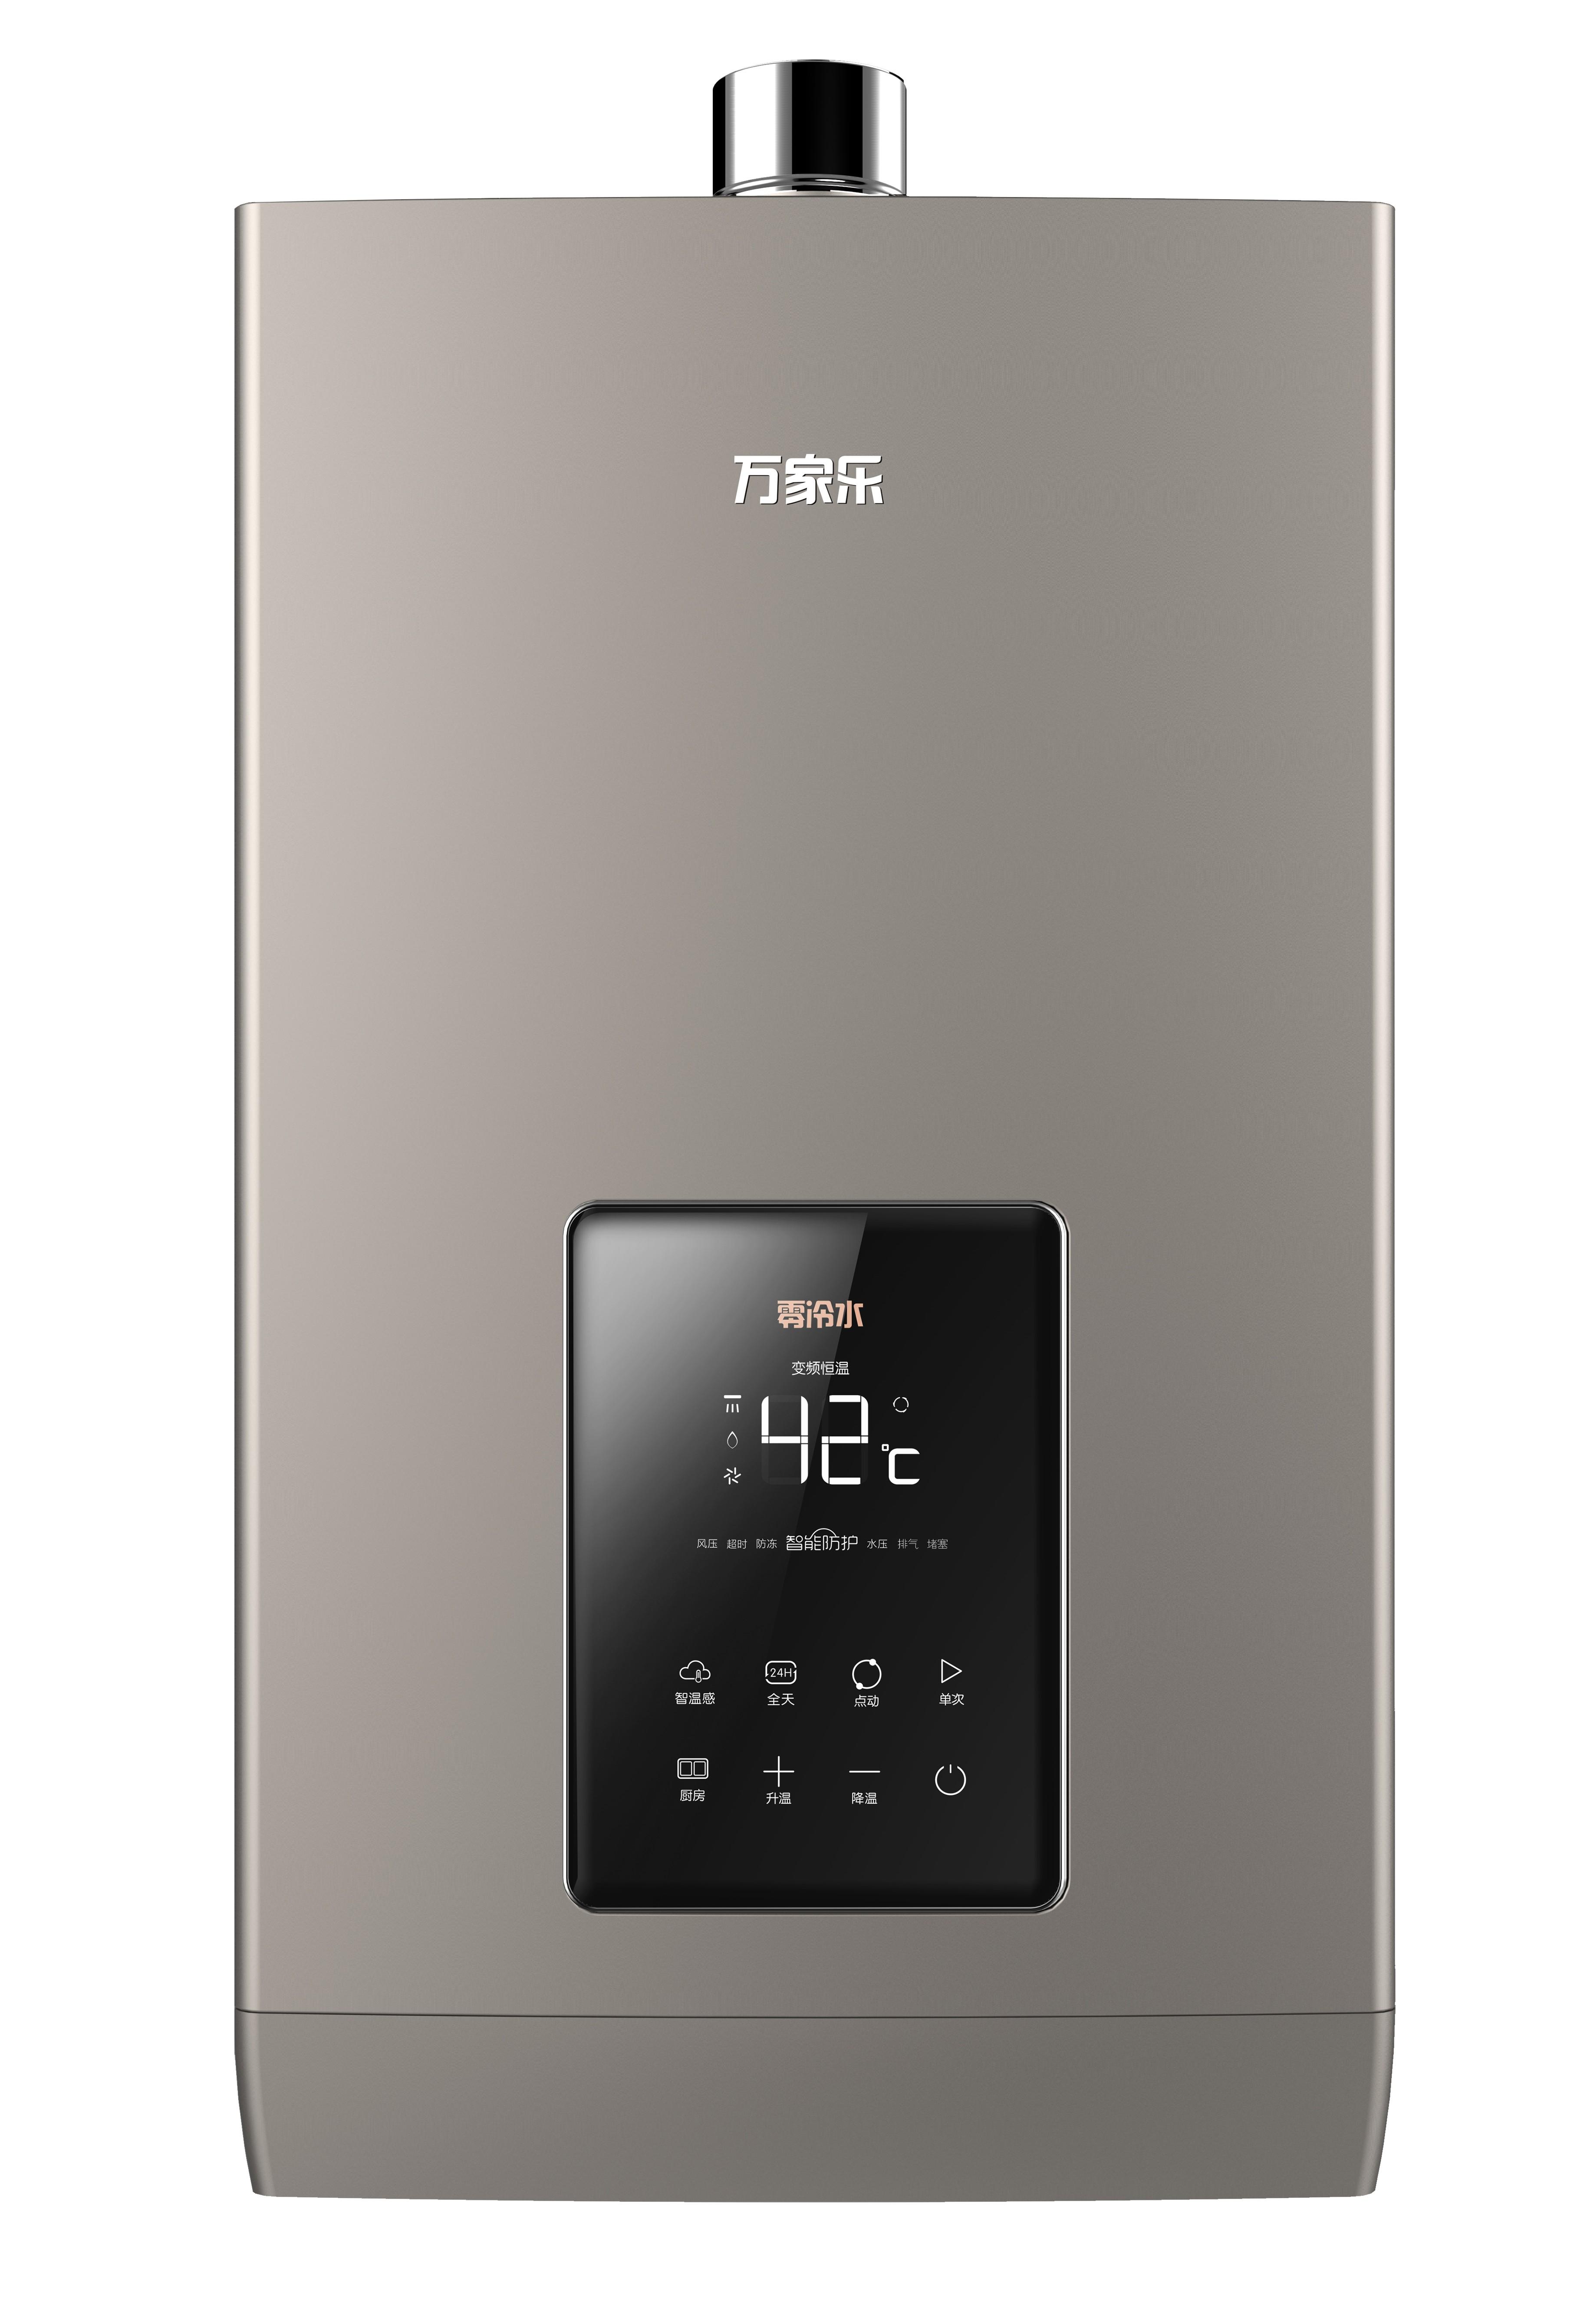 万家乐获零冷水燃气热水器十大影响力品牌